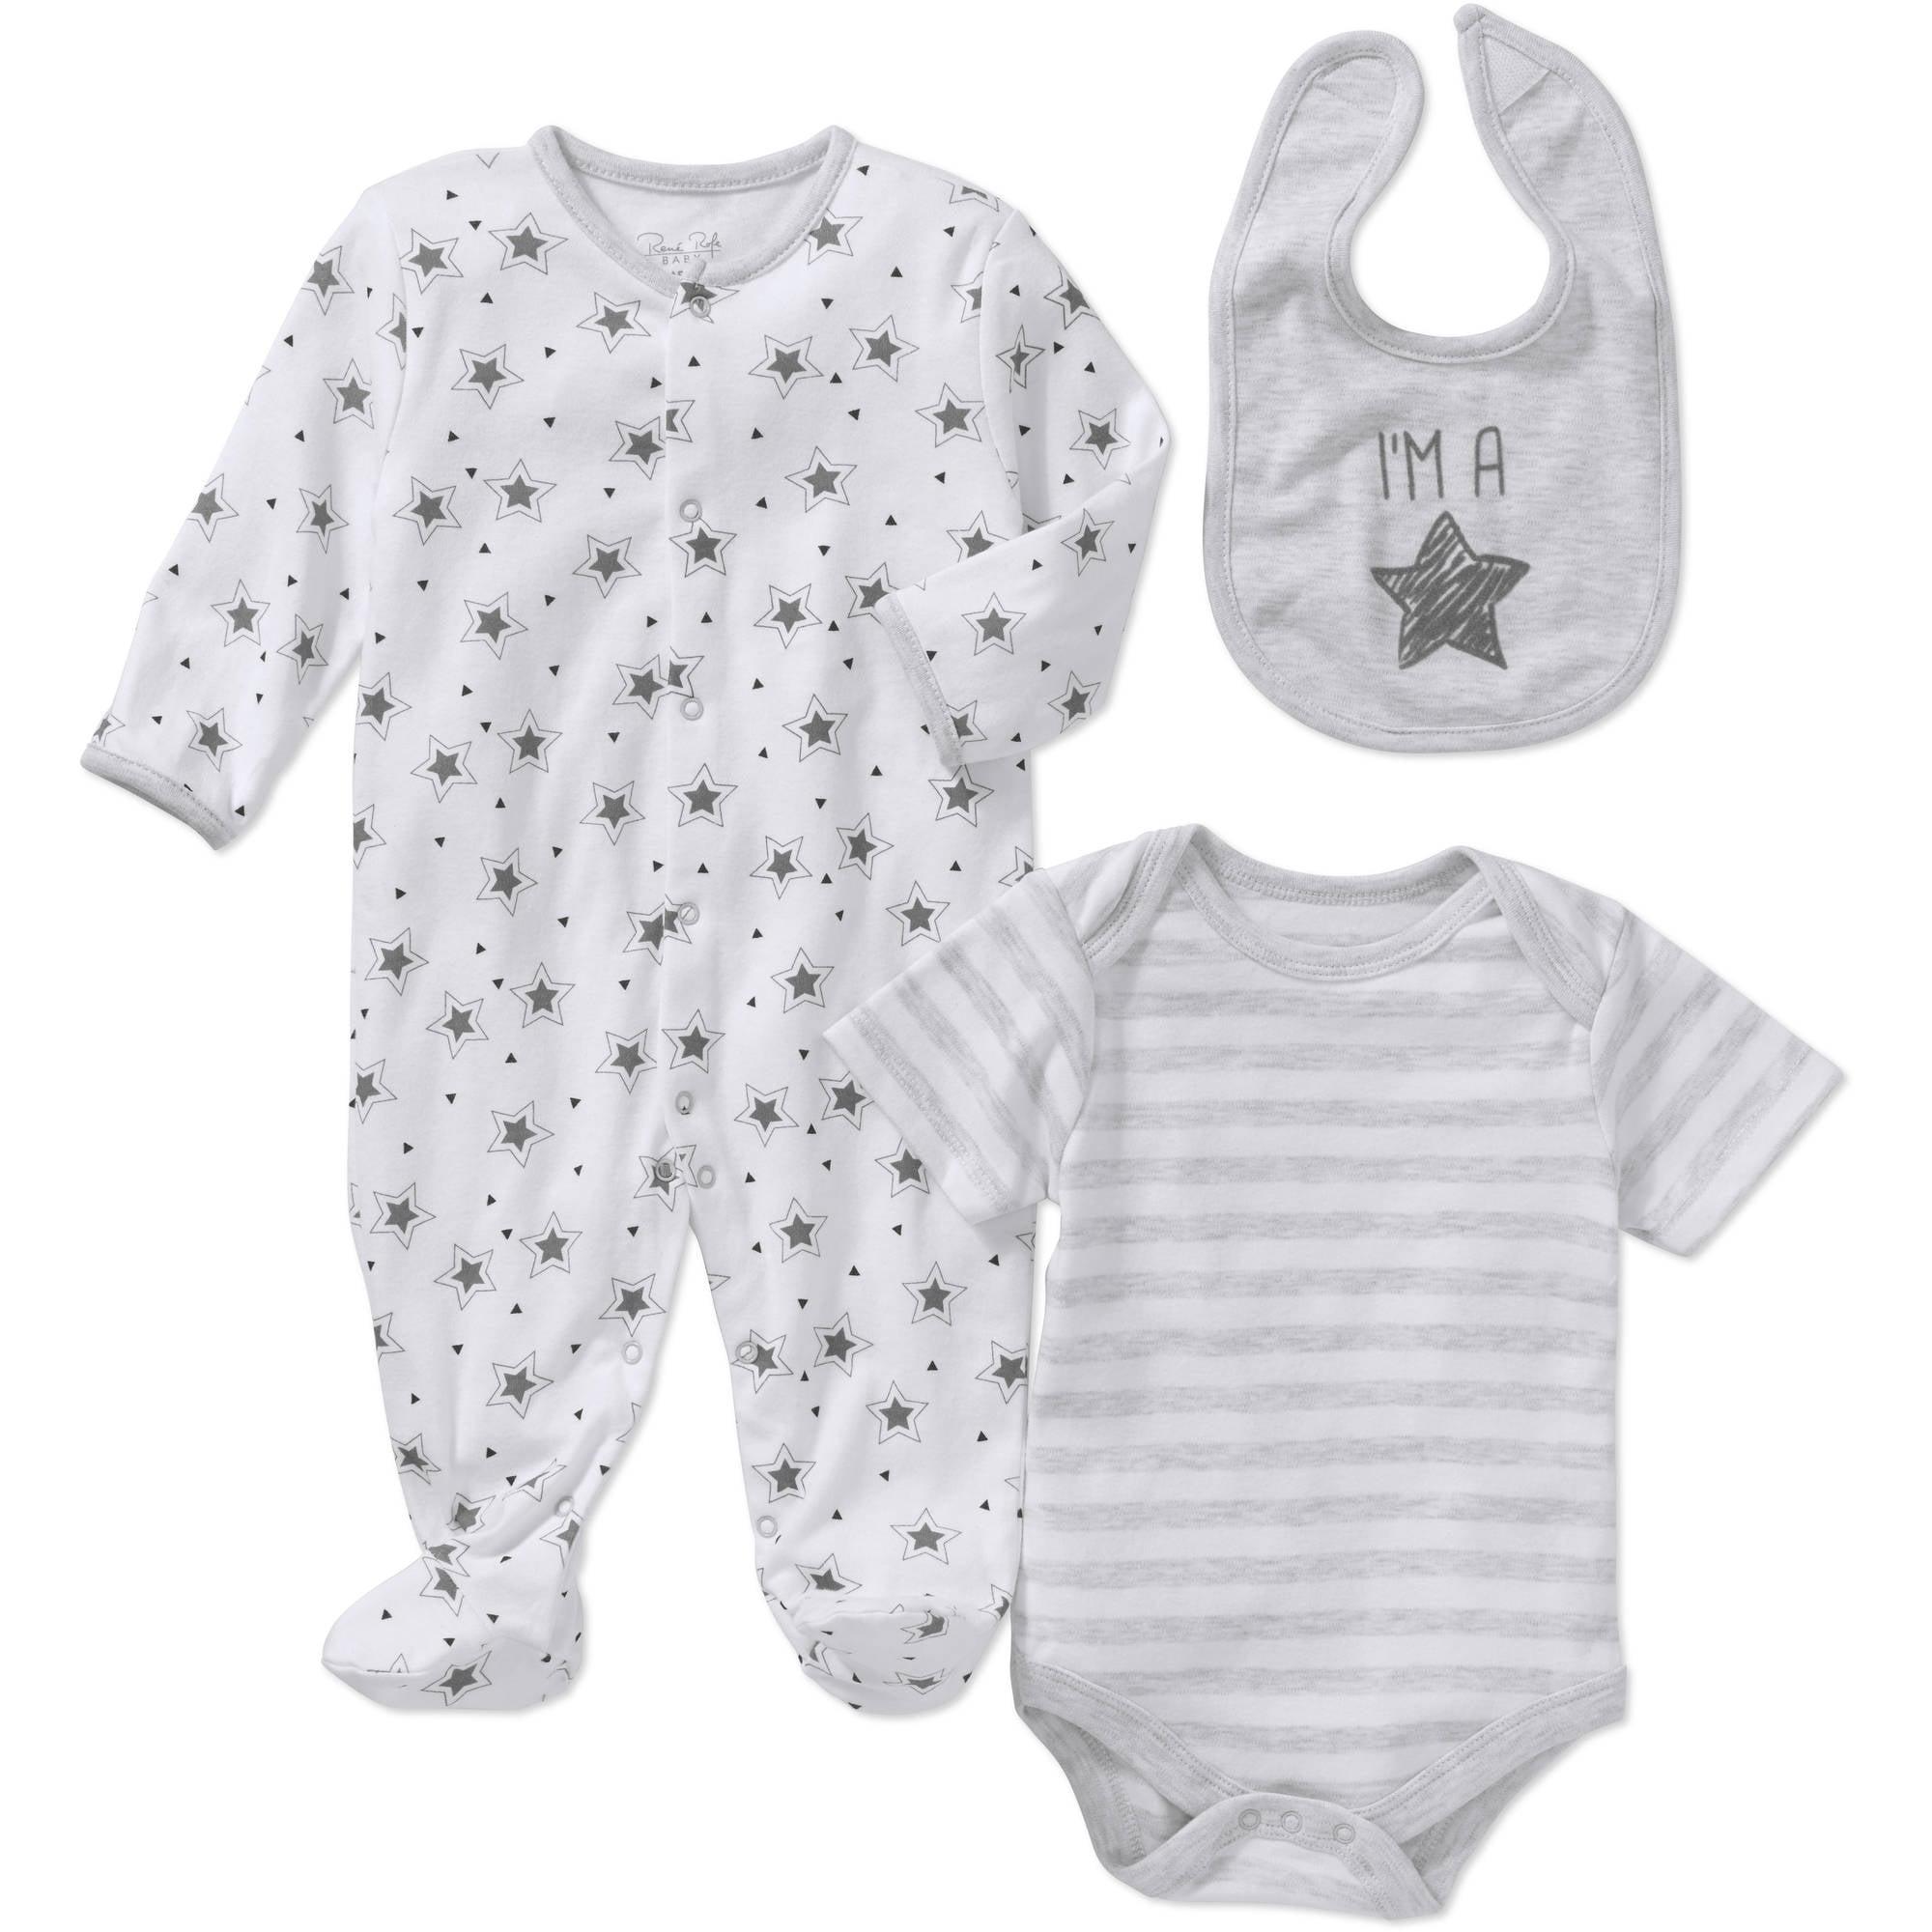 Newborn Boy 3pc Take-Me-Home Set